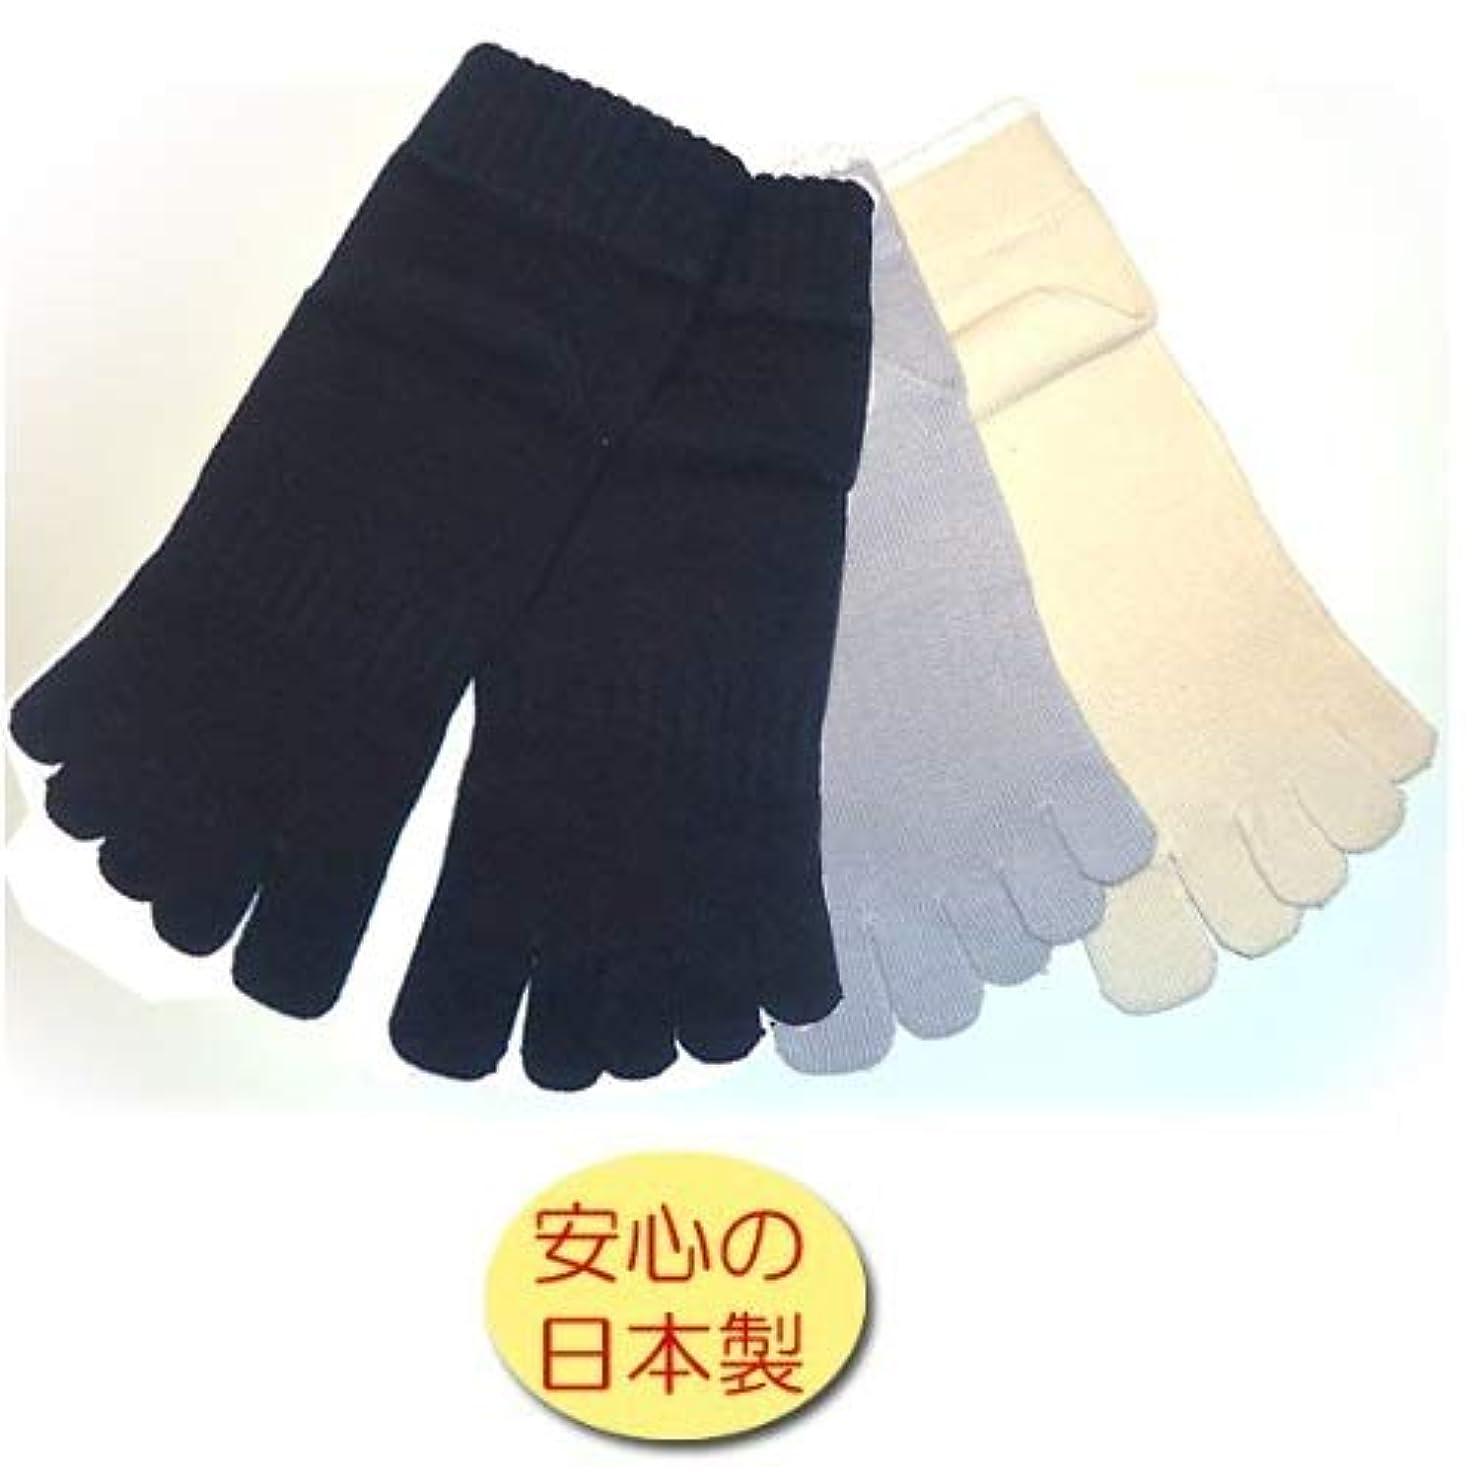 作曲する既婚熱心日本製 5本指ソックス ショートソックス【21~25cm】 足に優しい表糸綿100% お買得4足組(黒色2足、グレー1足、ベージュ1足)